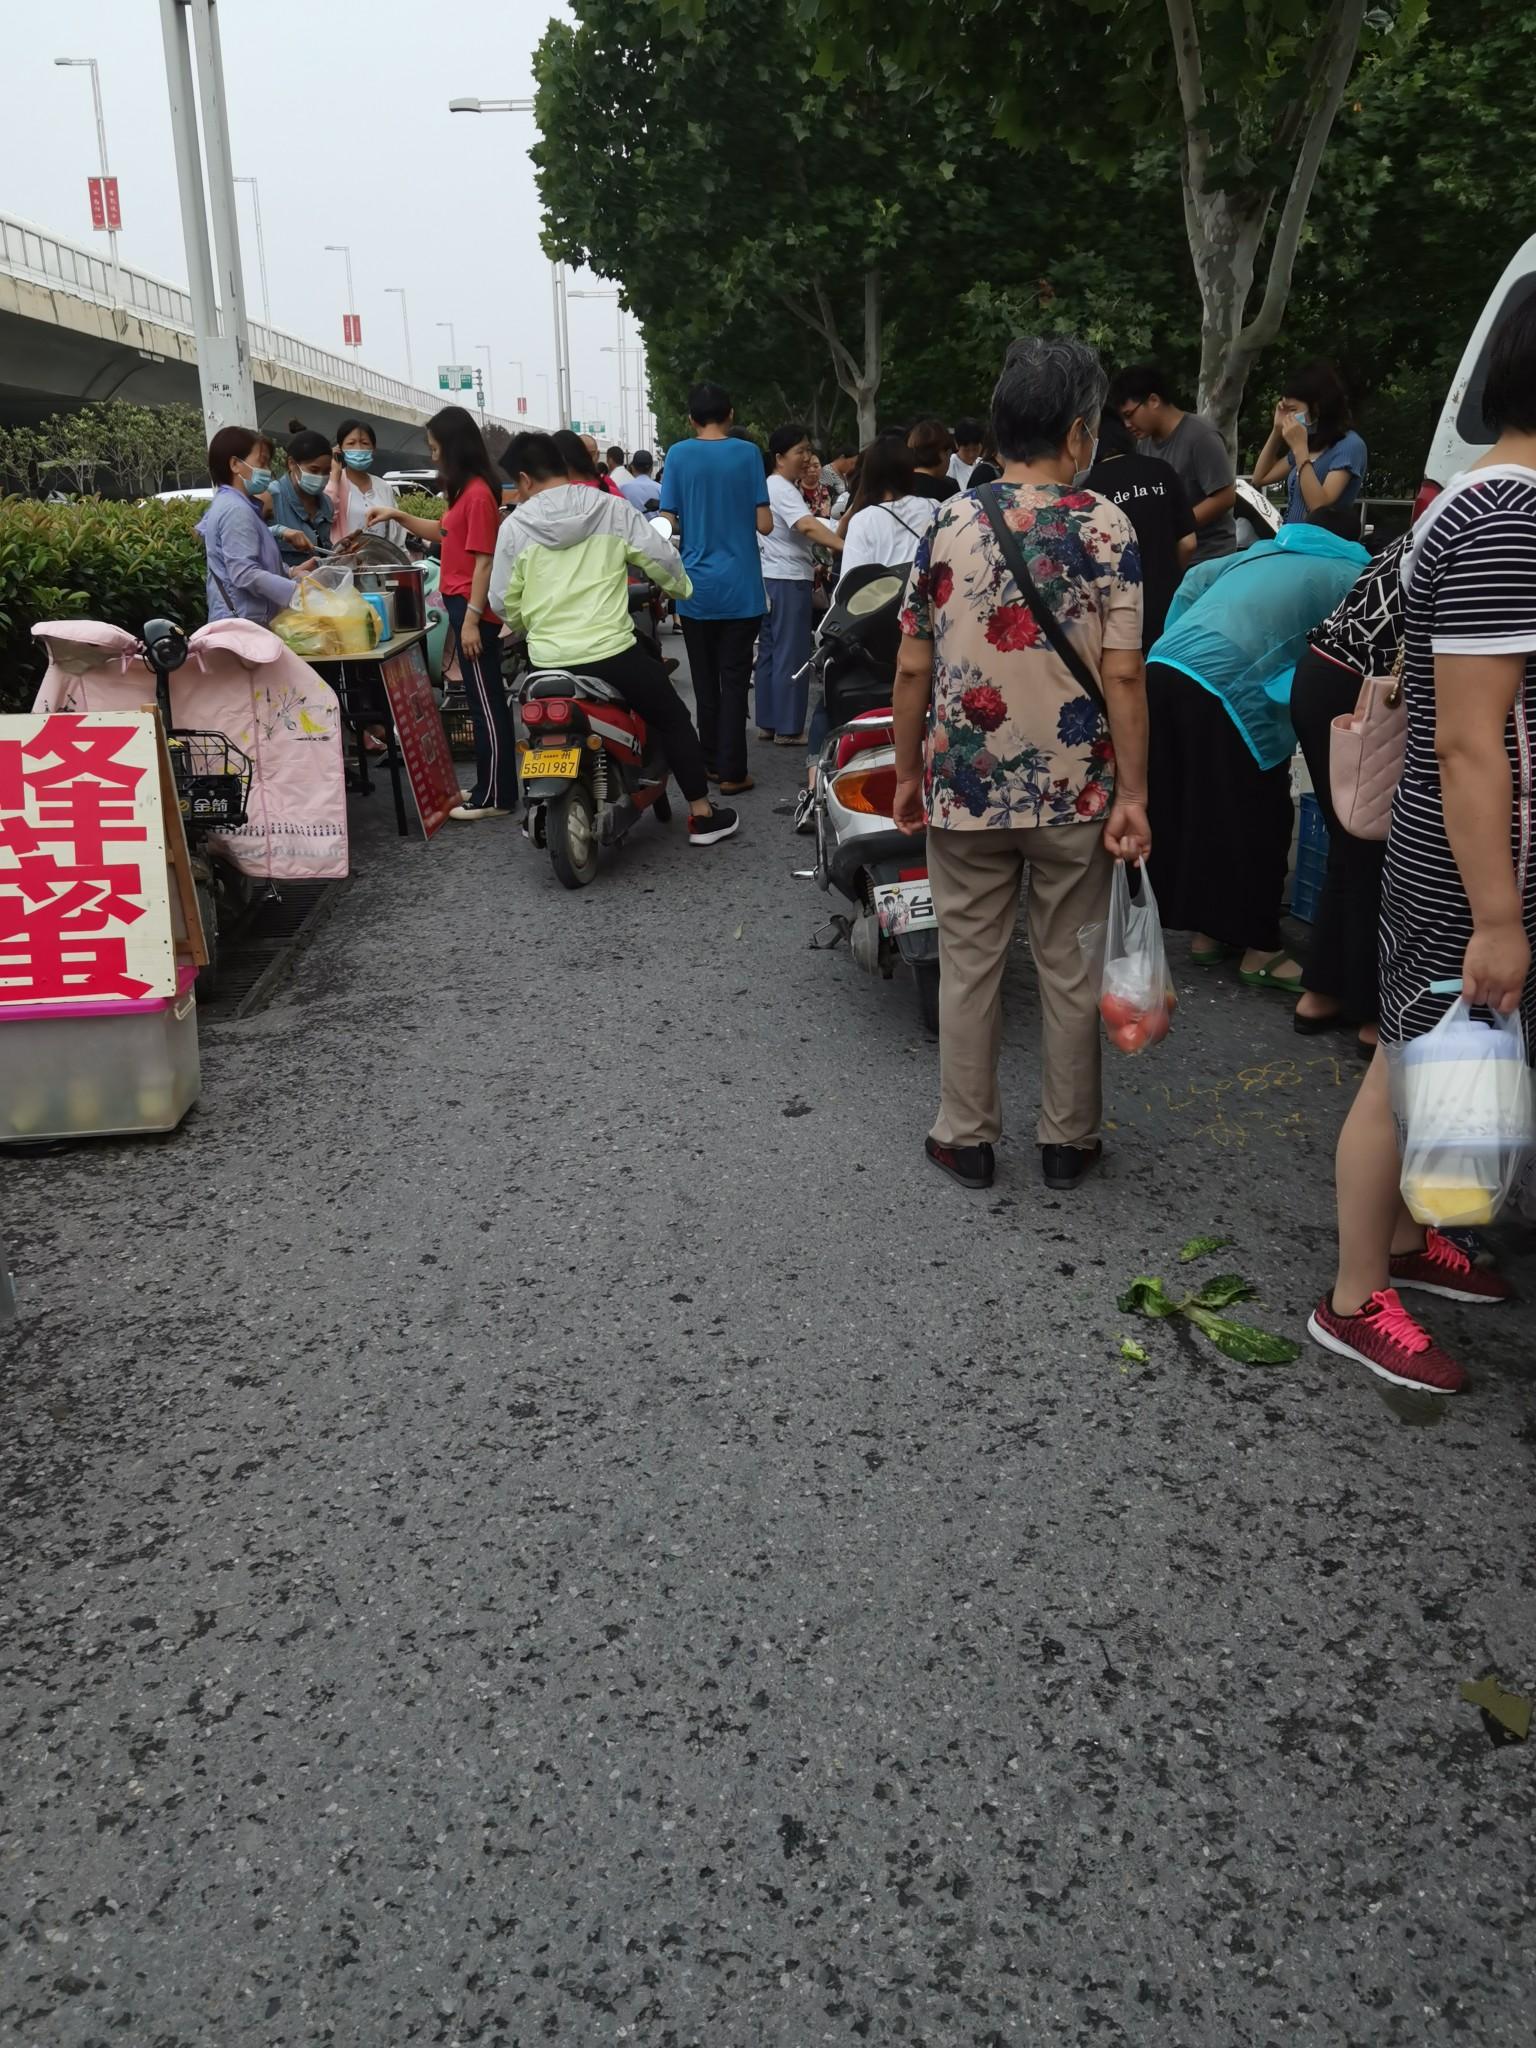 郑州21世纪社区东门两侧成夜市非机动车道被占压,高峰时段道路堵成一锅粥